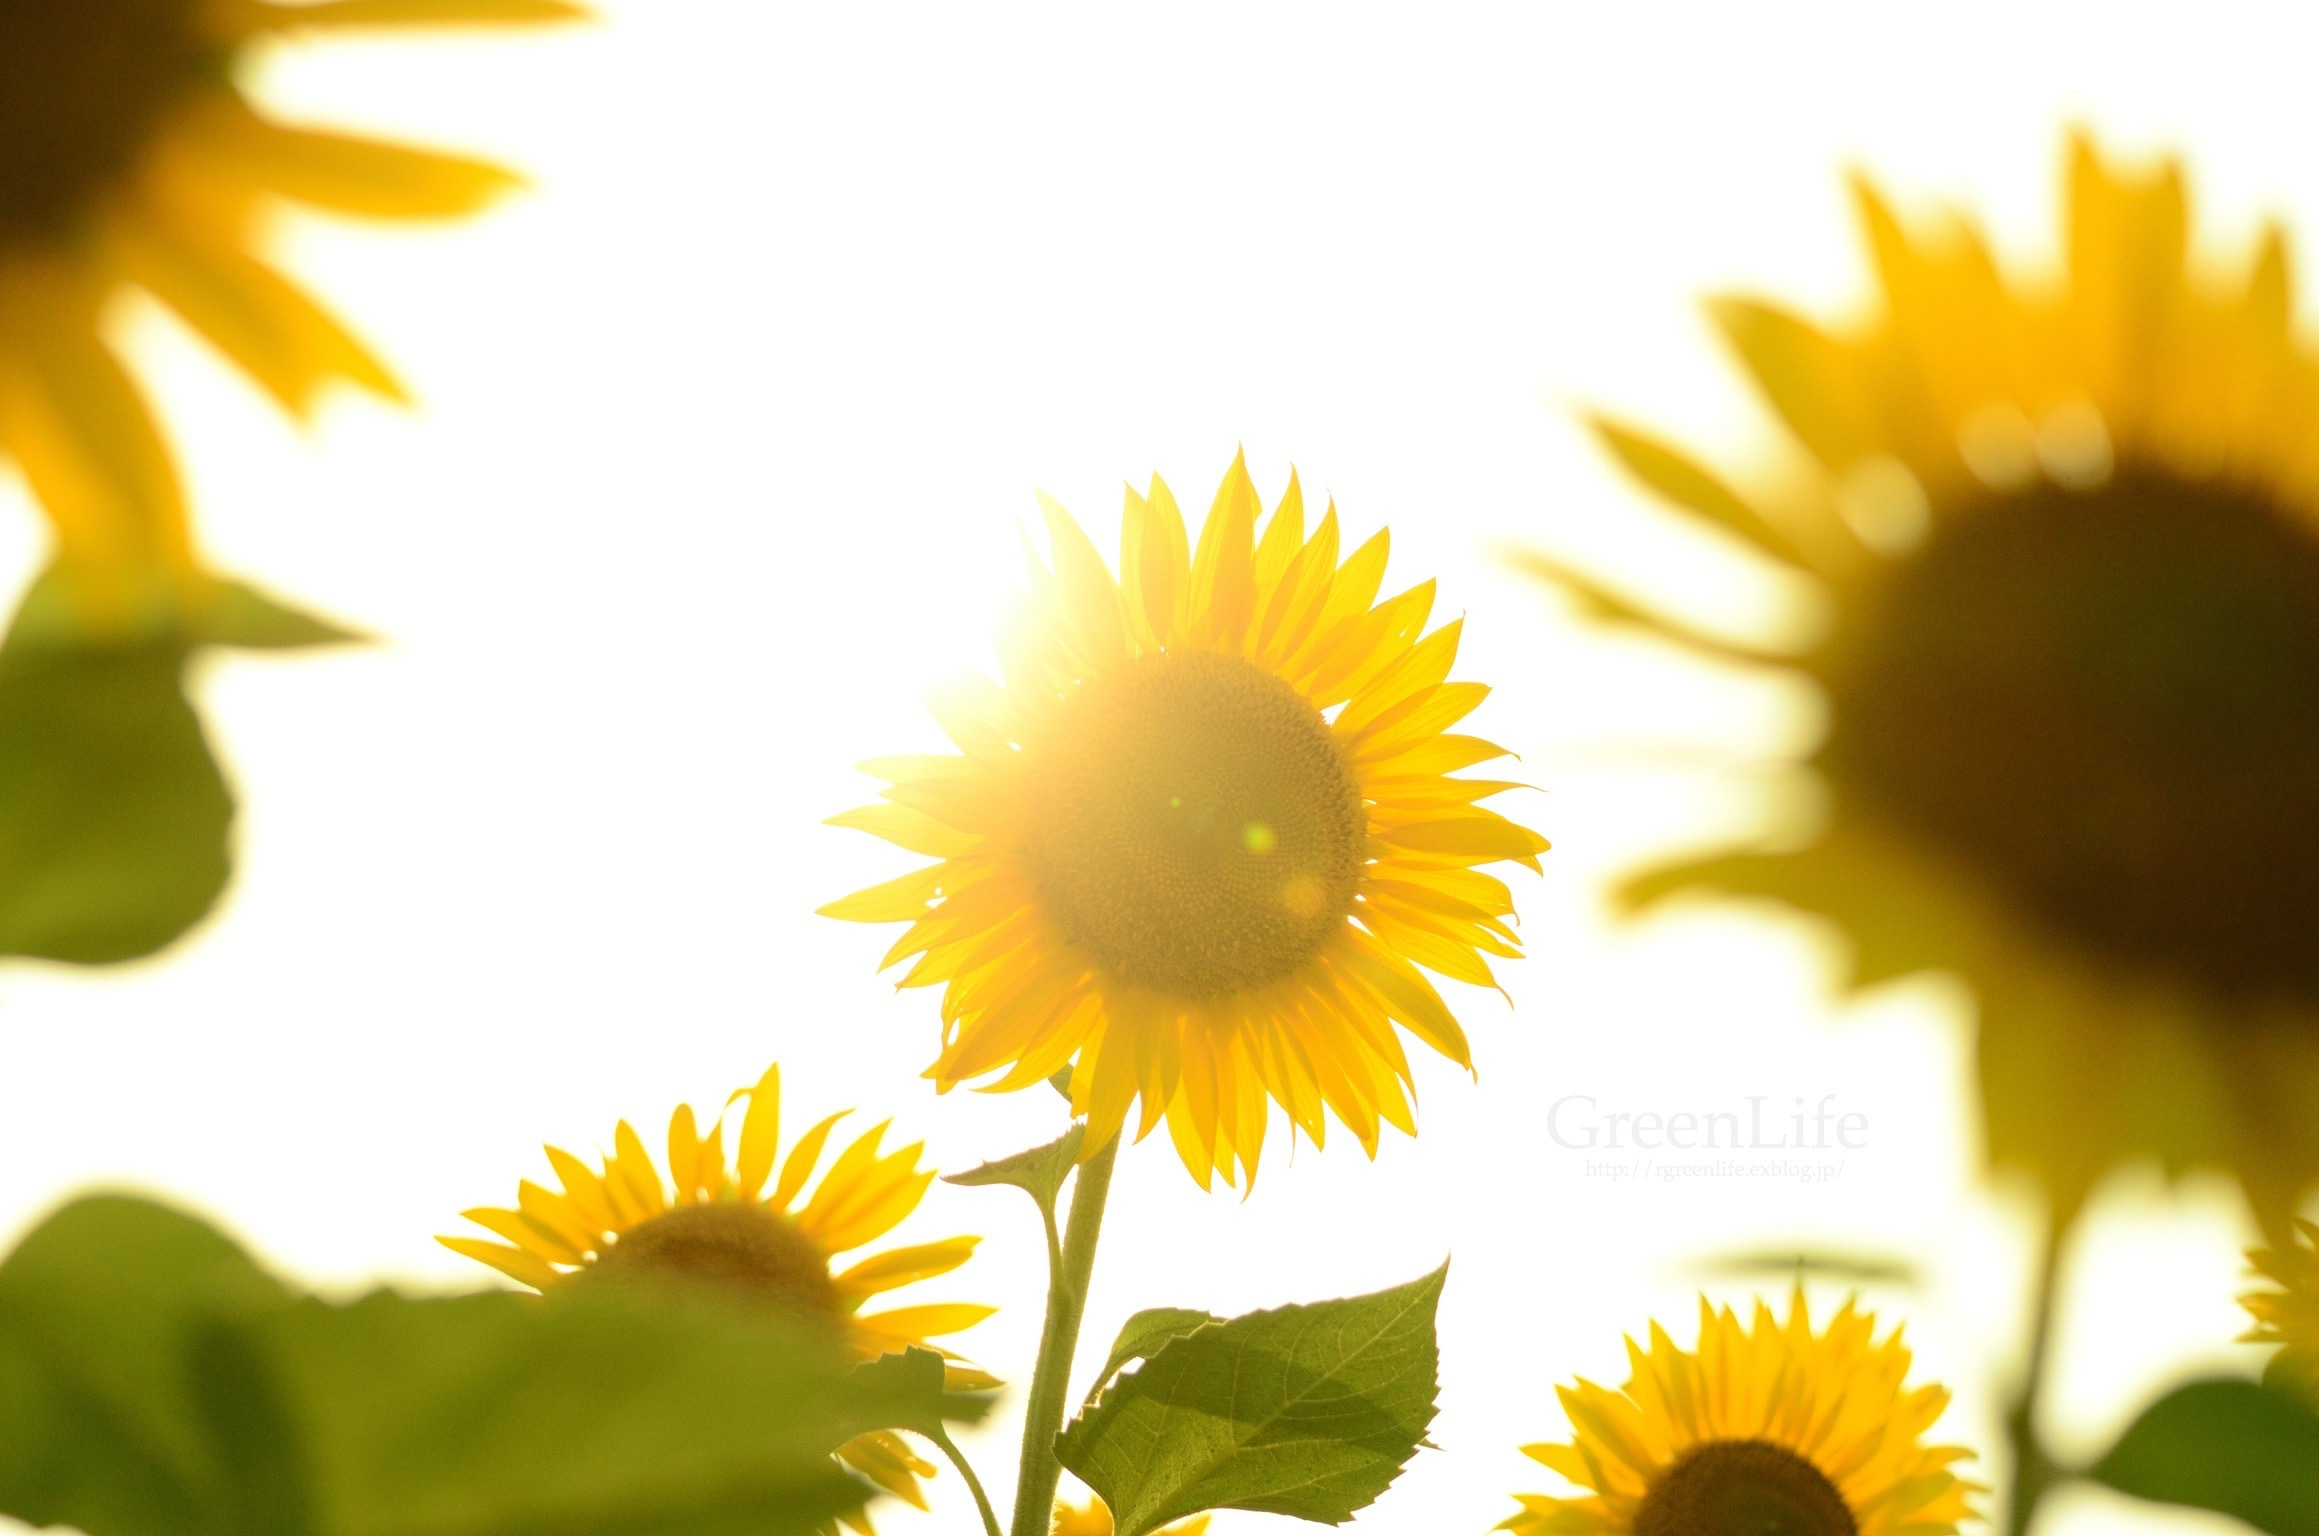 Sunflower field_f0321522_11165415.jpg